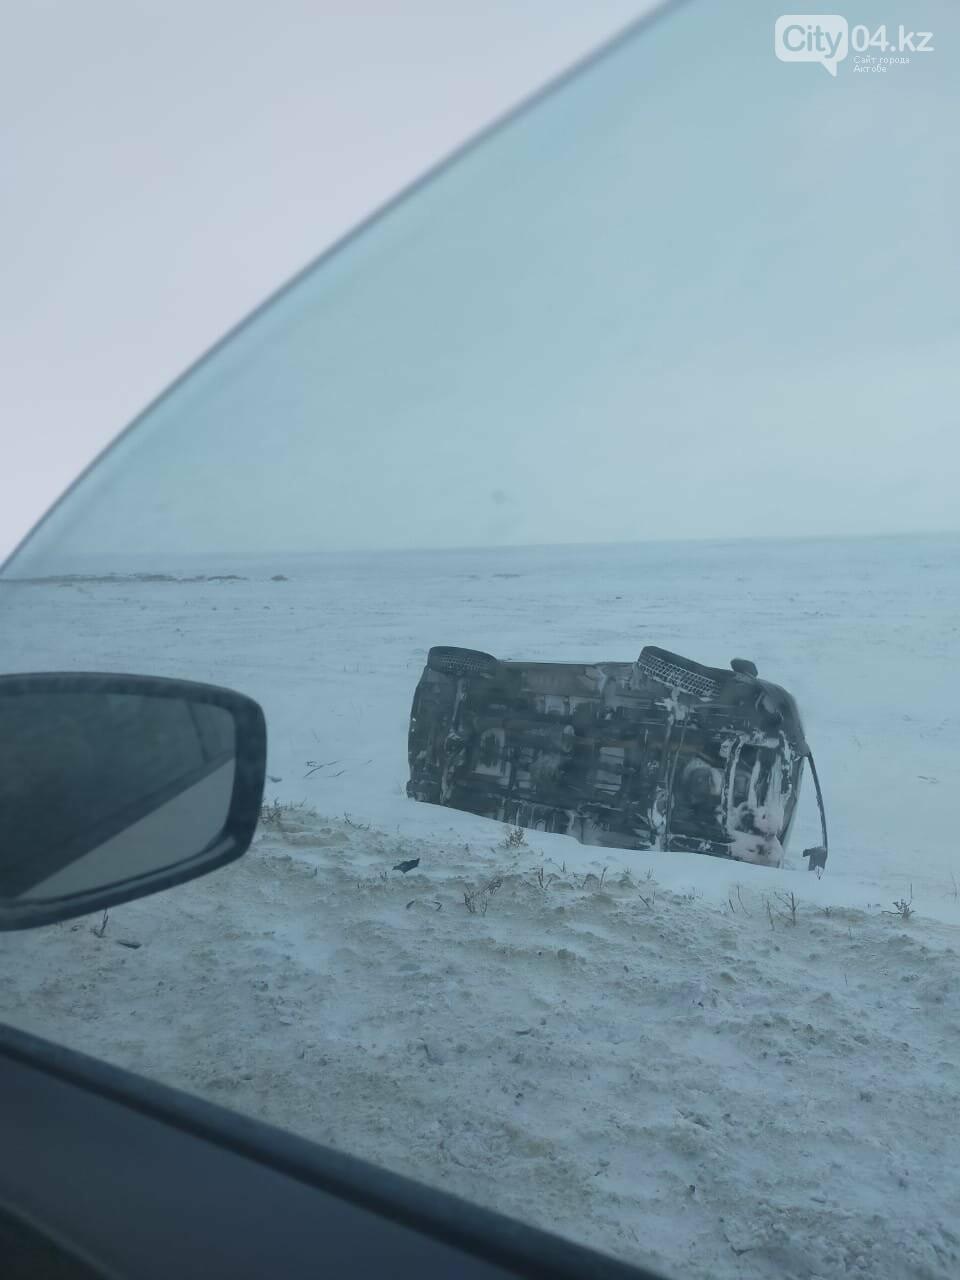 """11 машин попали в аварию на трассе """"Самара-Шымкент"""", фото-2"""